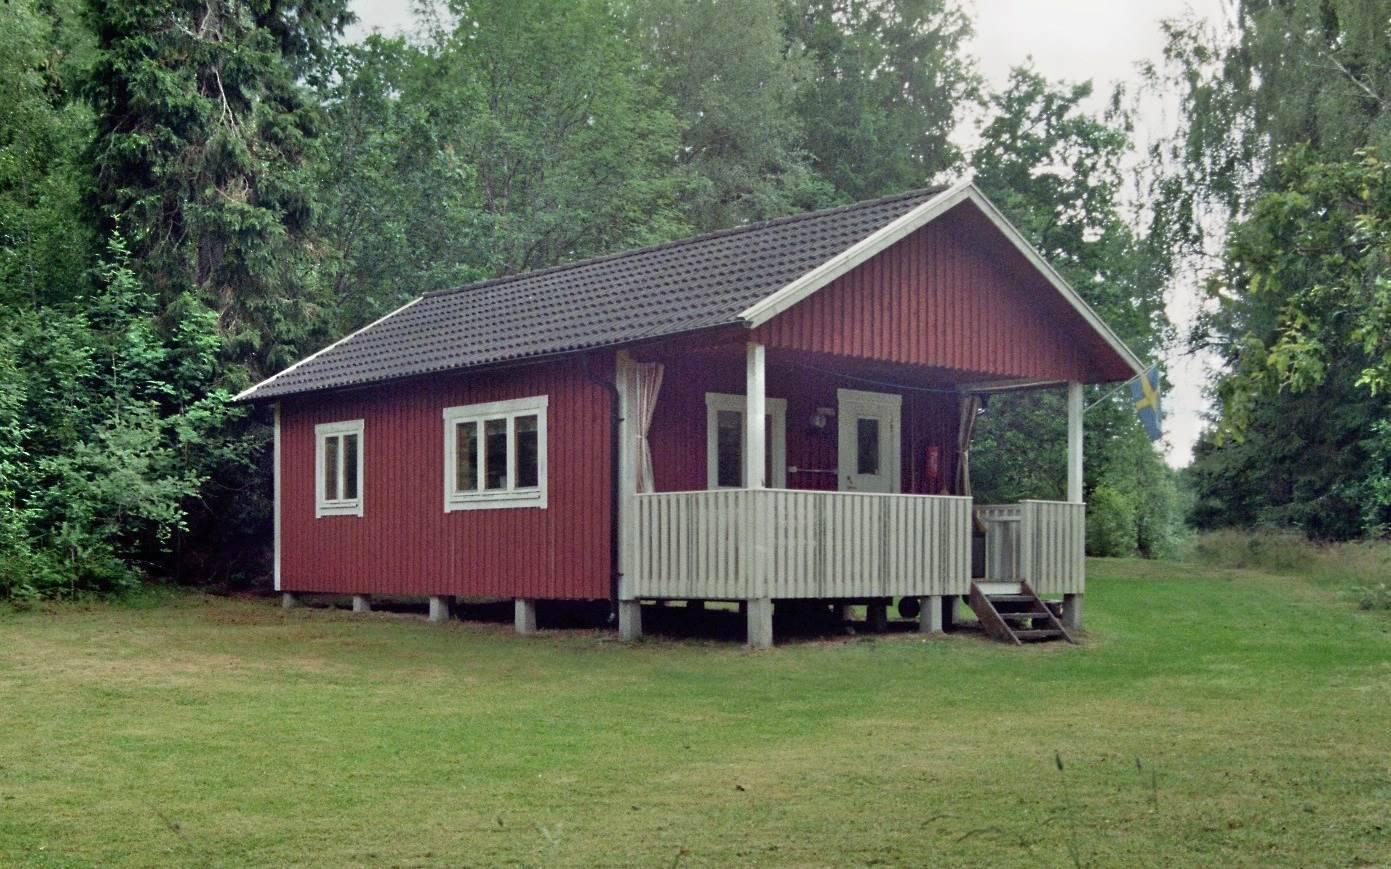 Ferienhaus in sm land schweden zu vermieten vacances for Ferienhaus in schweden